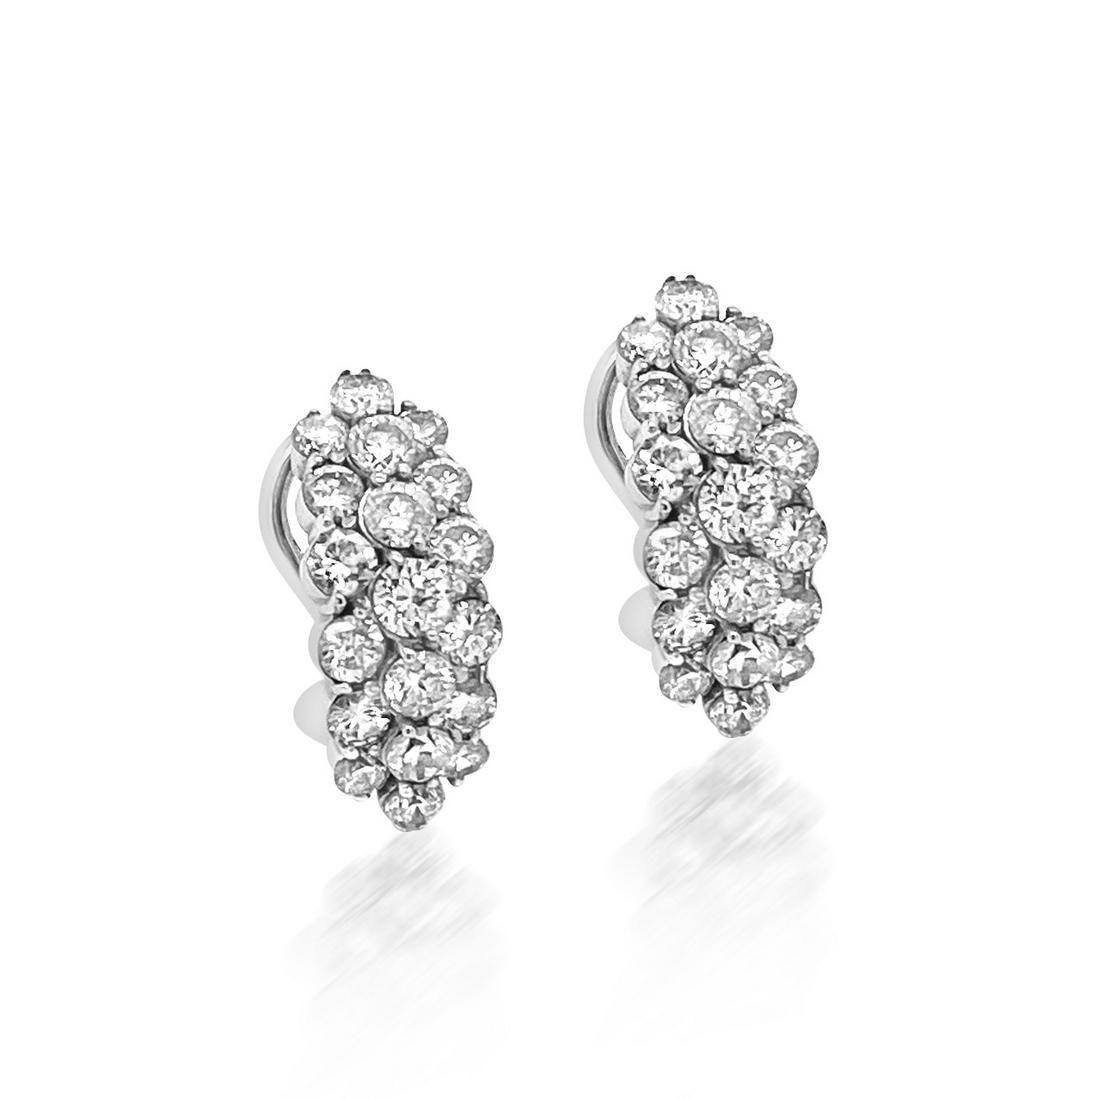 1.78ct Natural Diamonds 18K White Gold Earrings